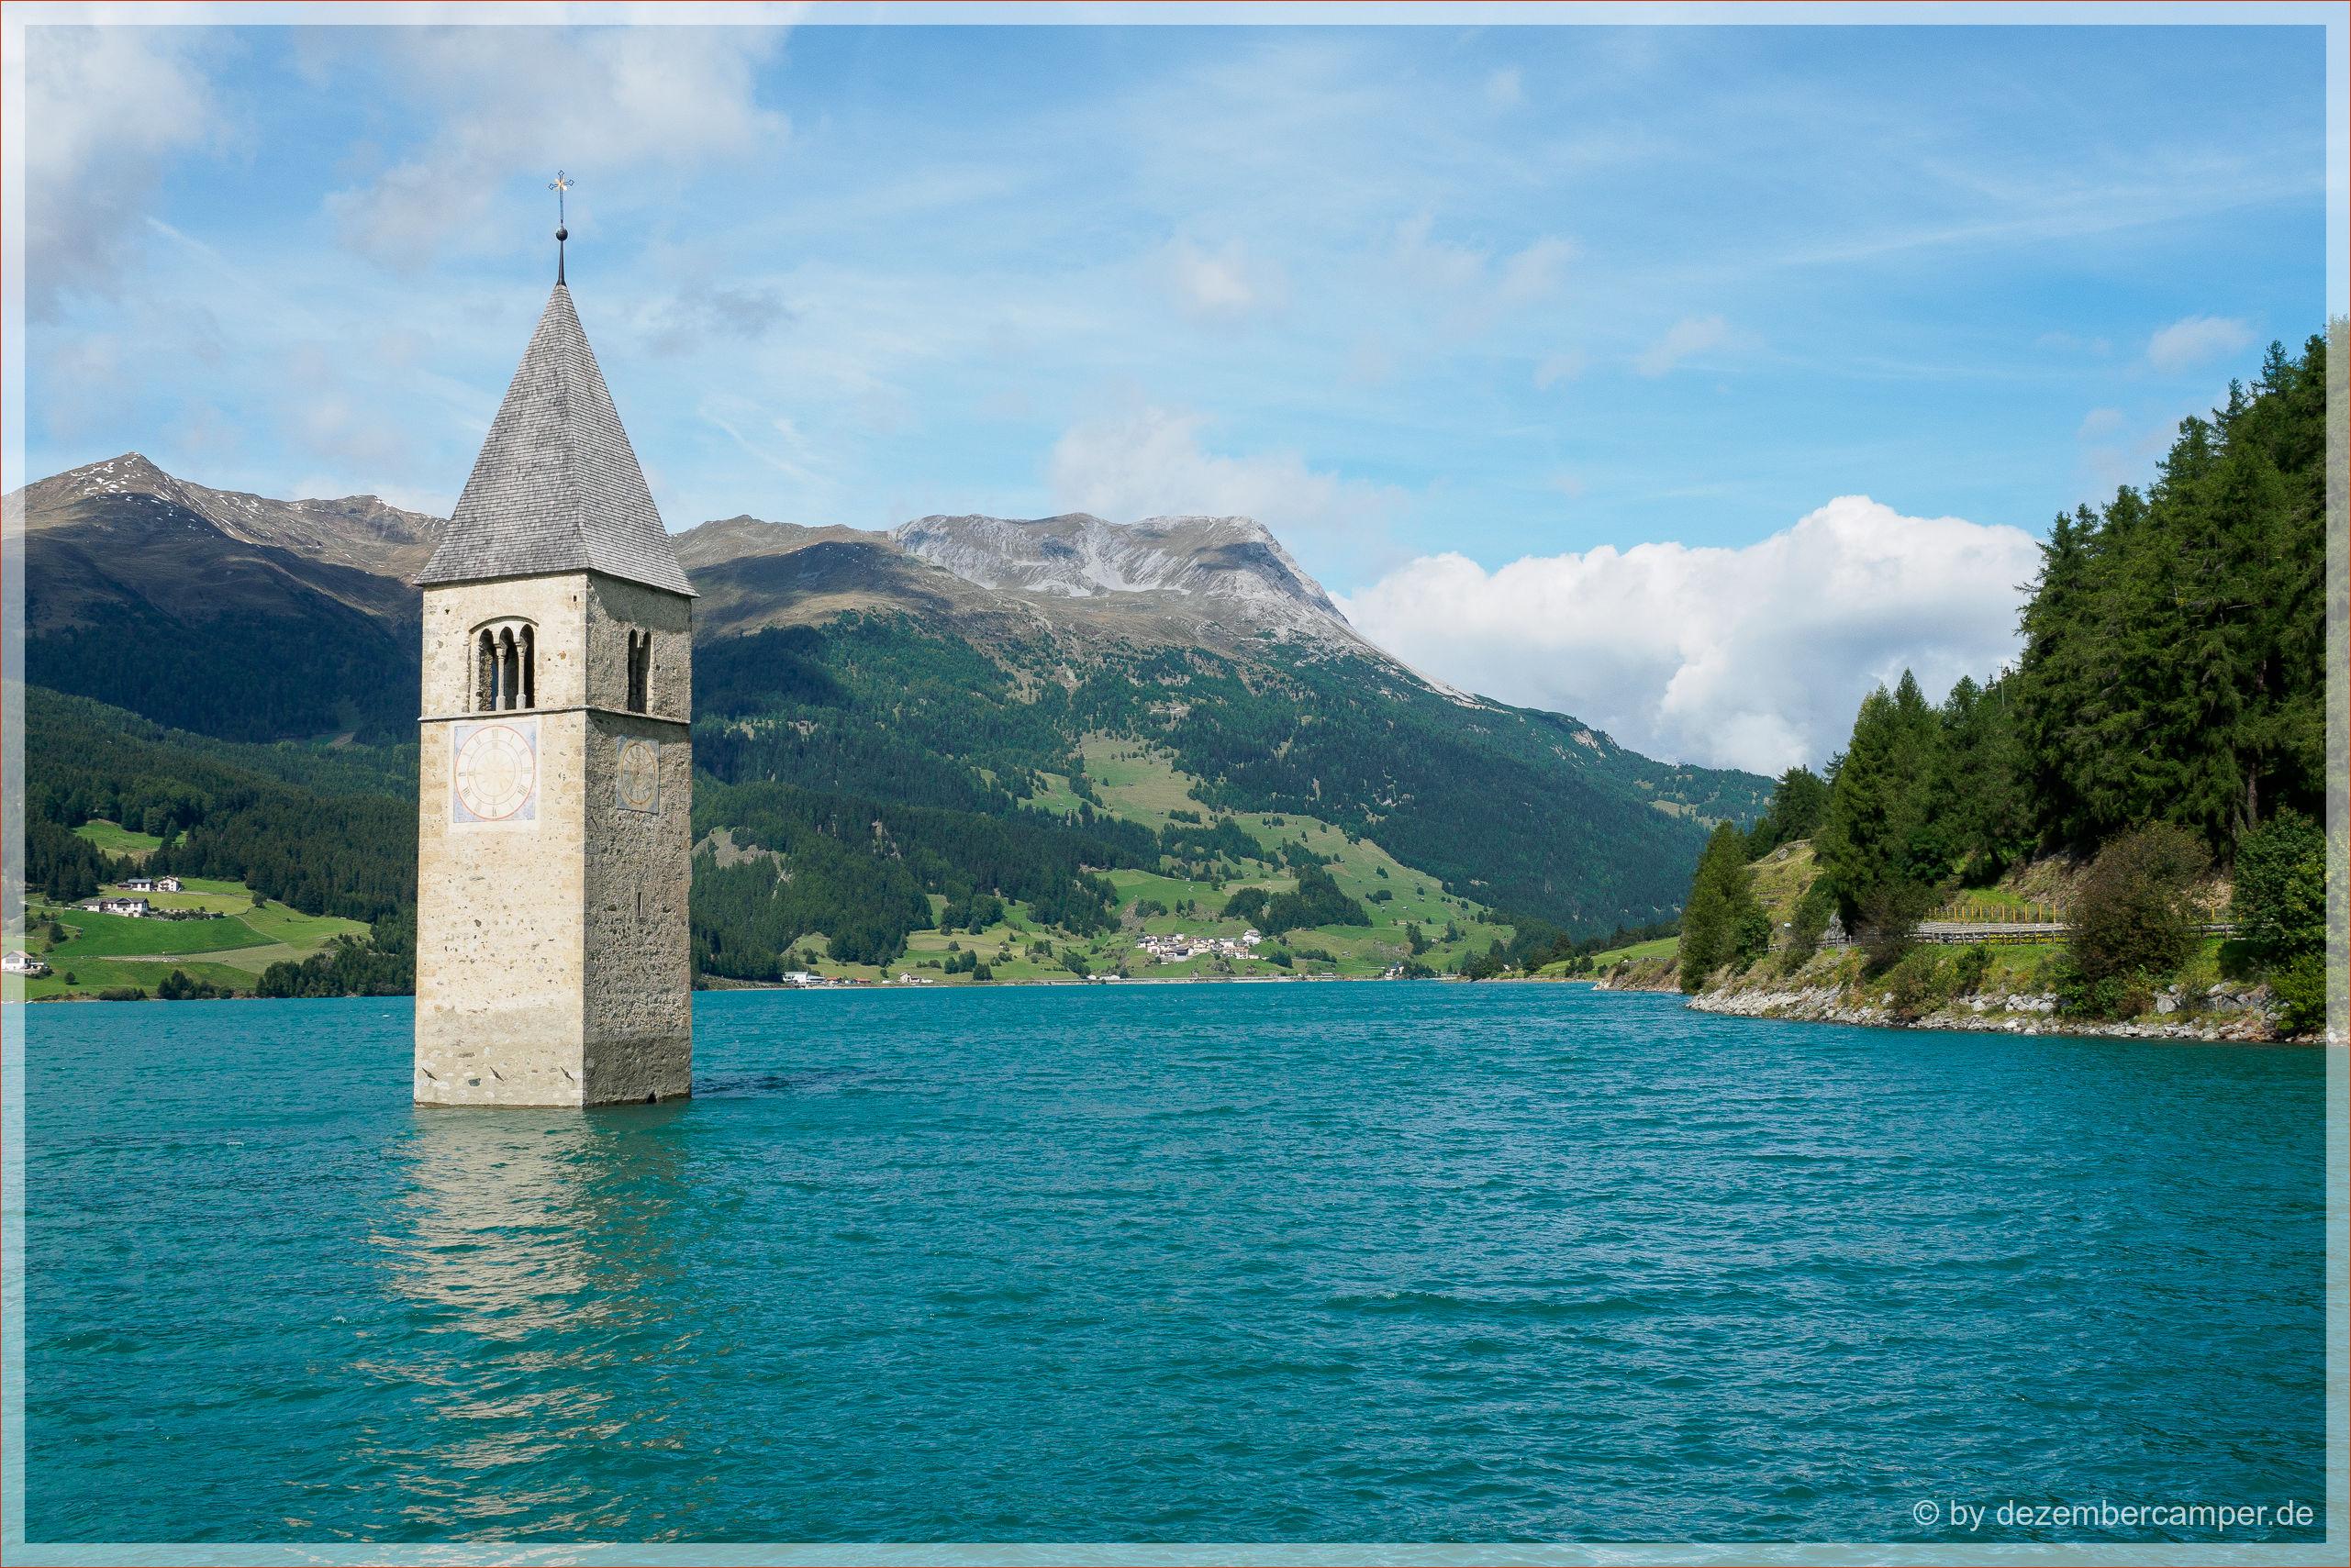 Reschensee mit Kirchturm